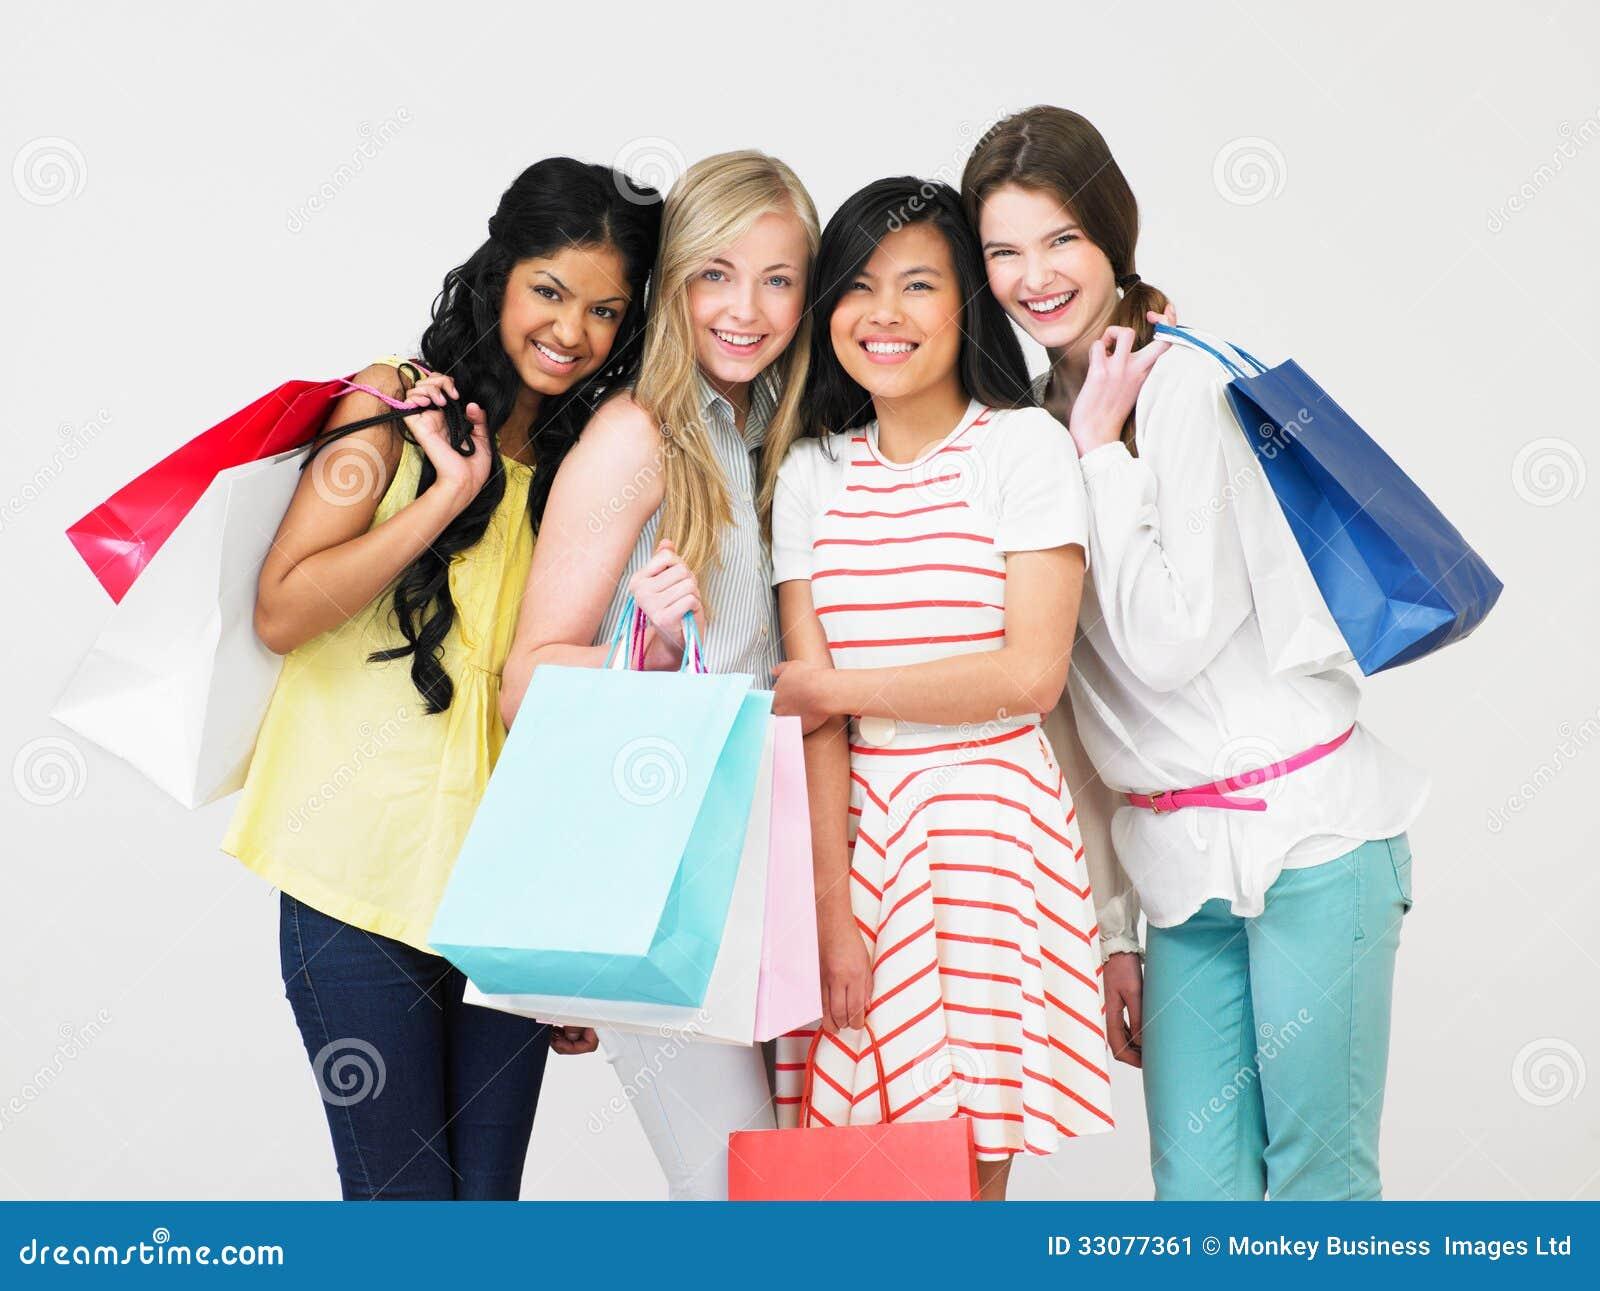 Groupe d 39 adolescente avec des sacs provisions image for Stylish dreams group